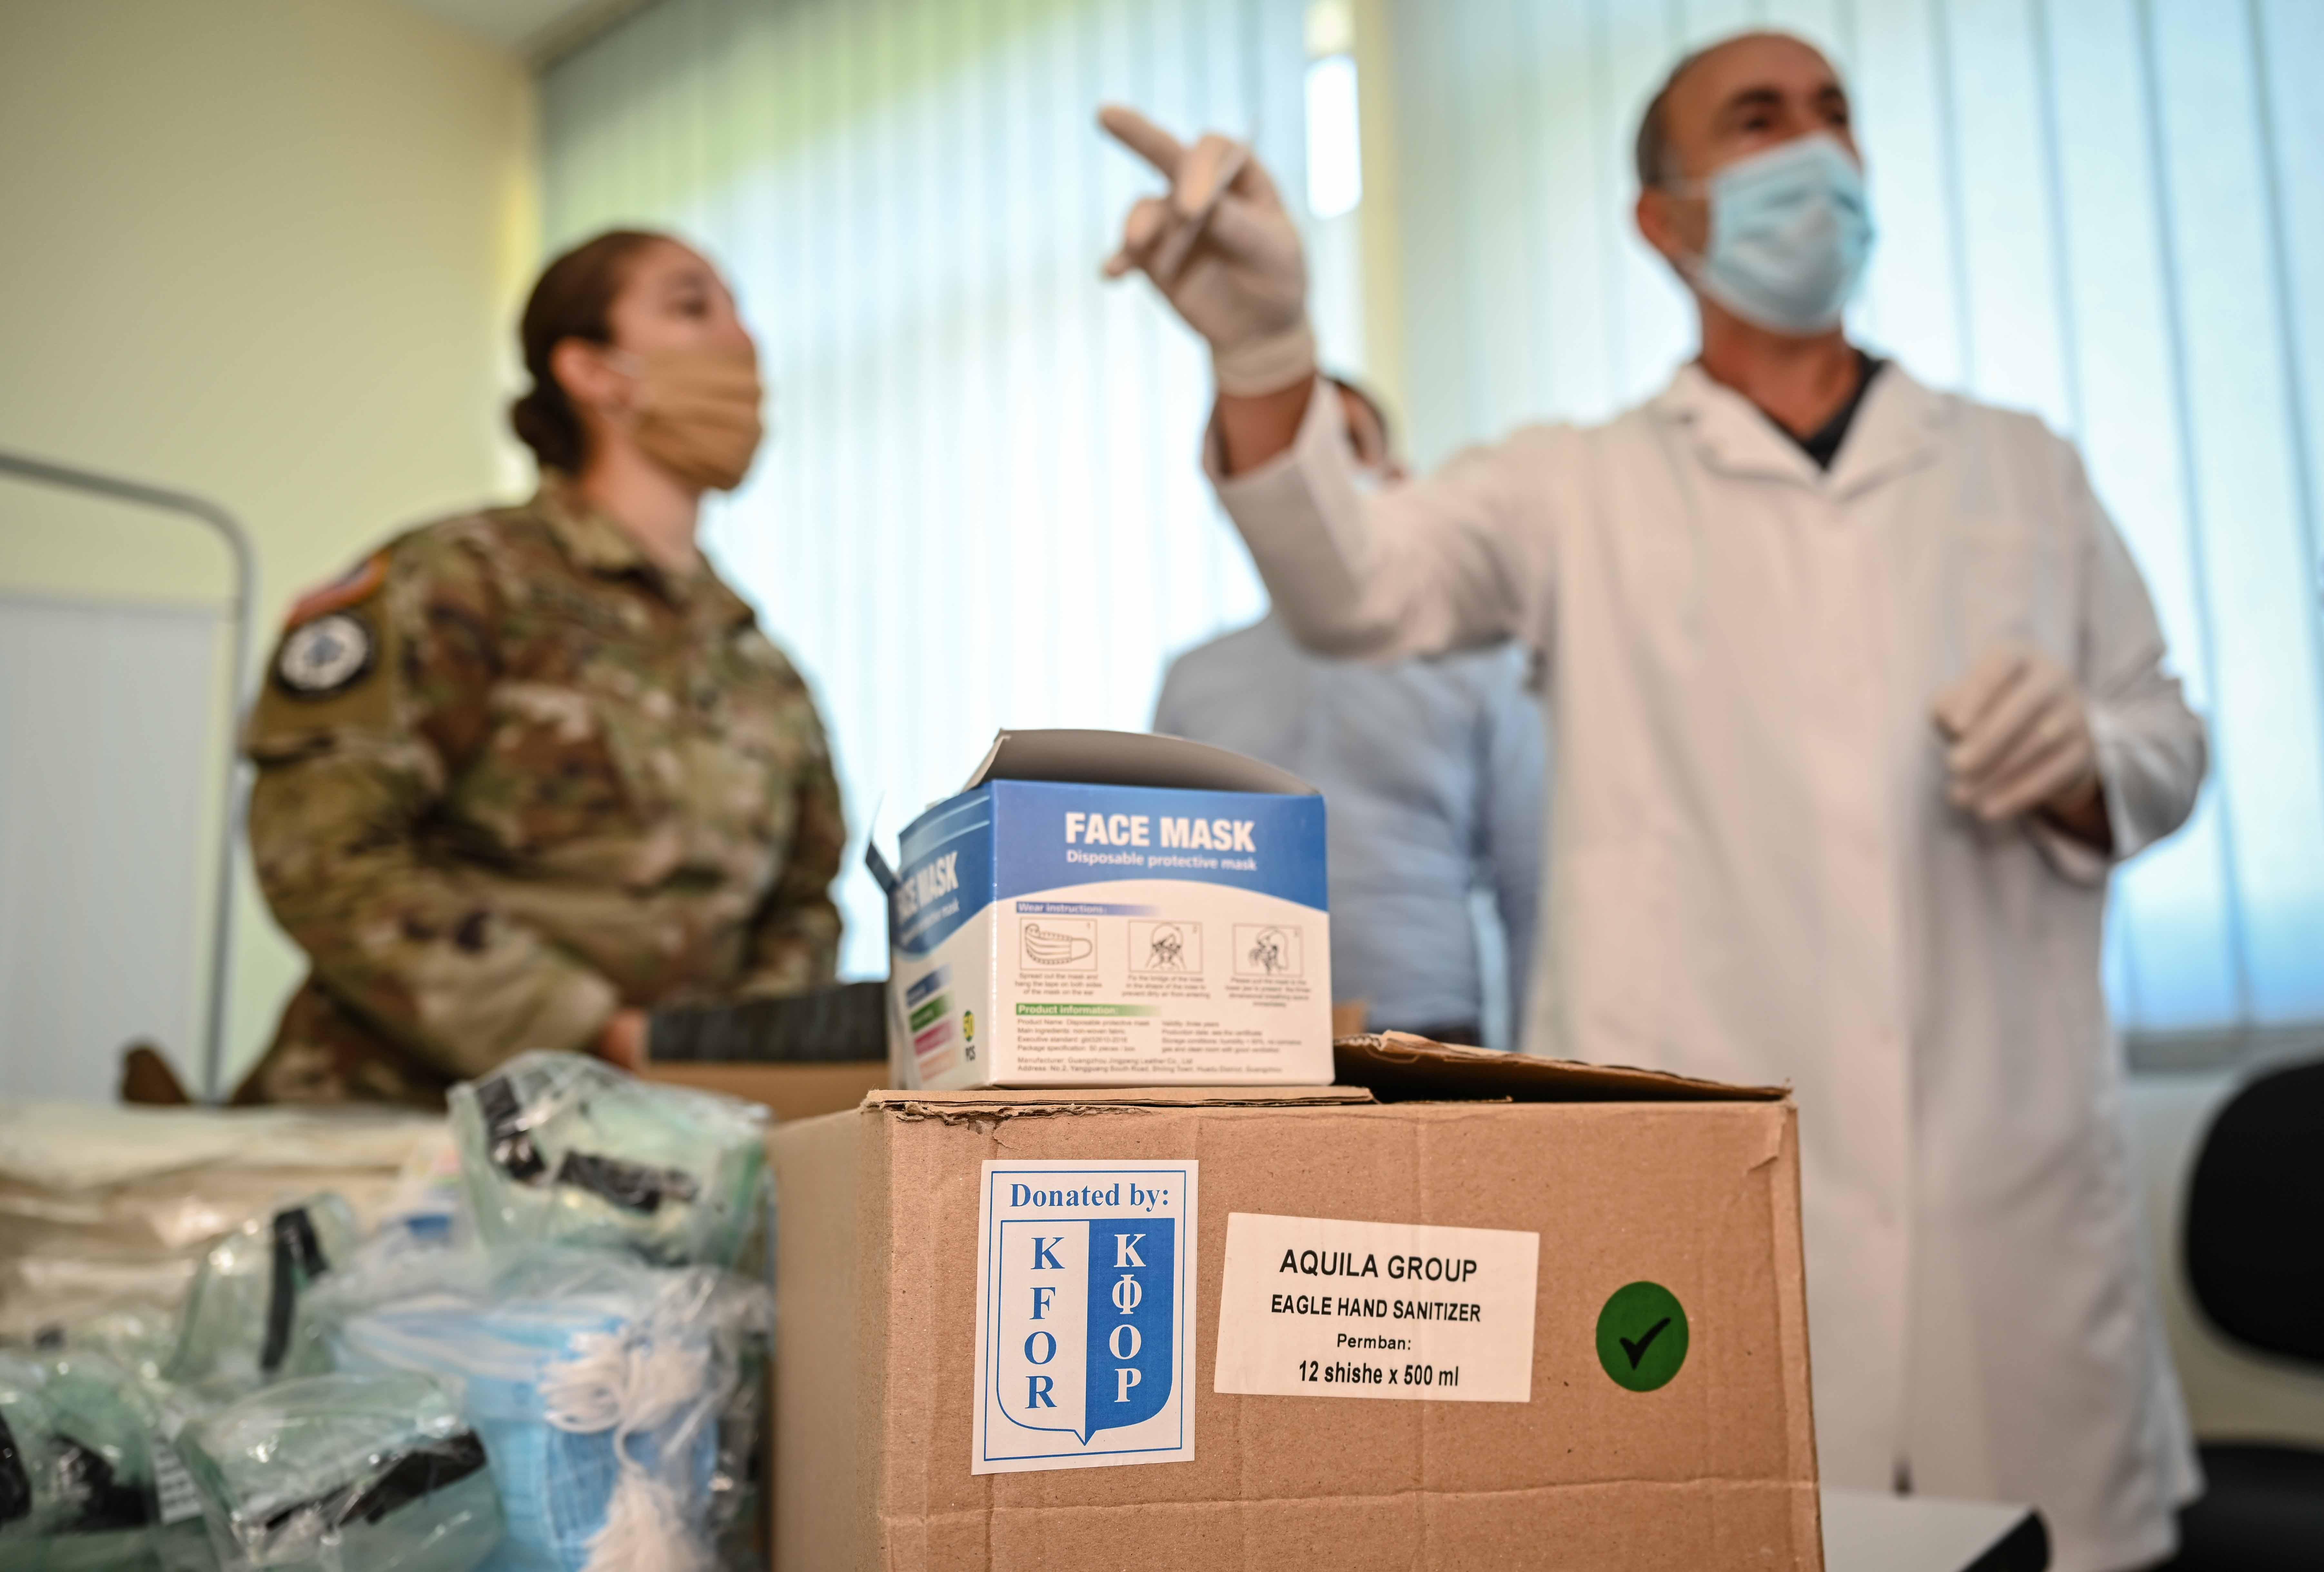 KFOR podržava odgovor na kovid-19 uz drugu donaciju opreme za ličnu zaštitu